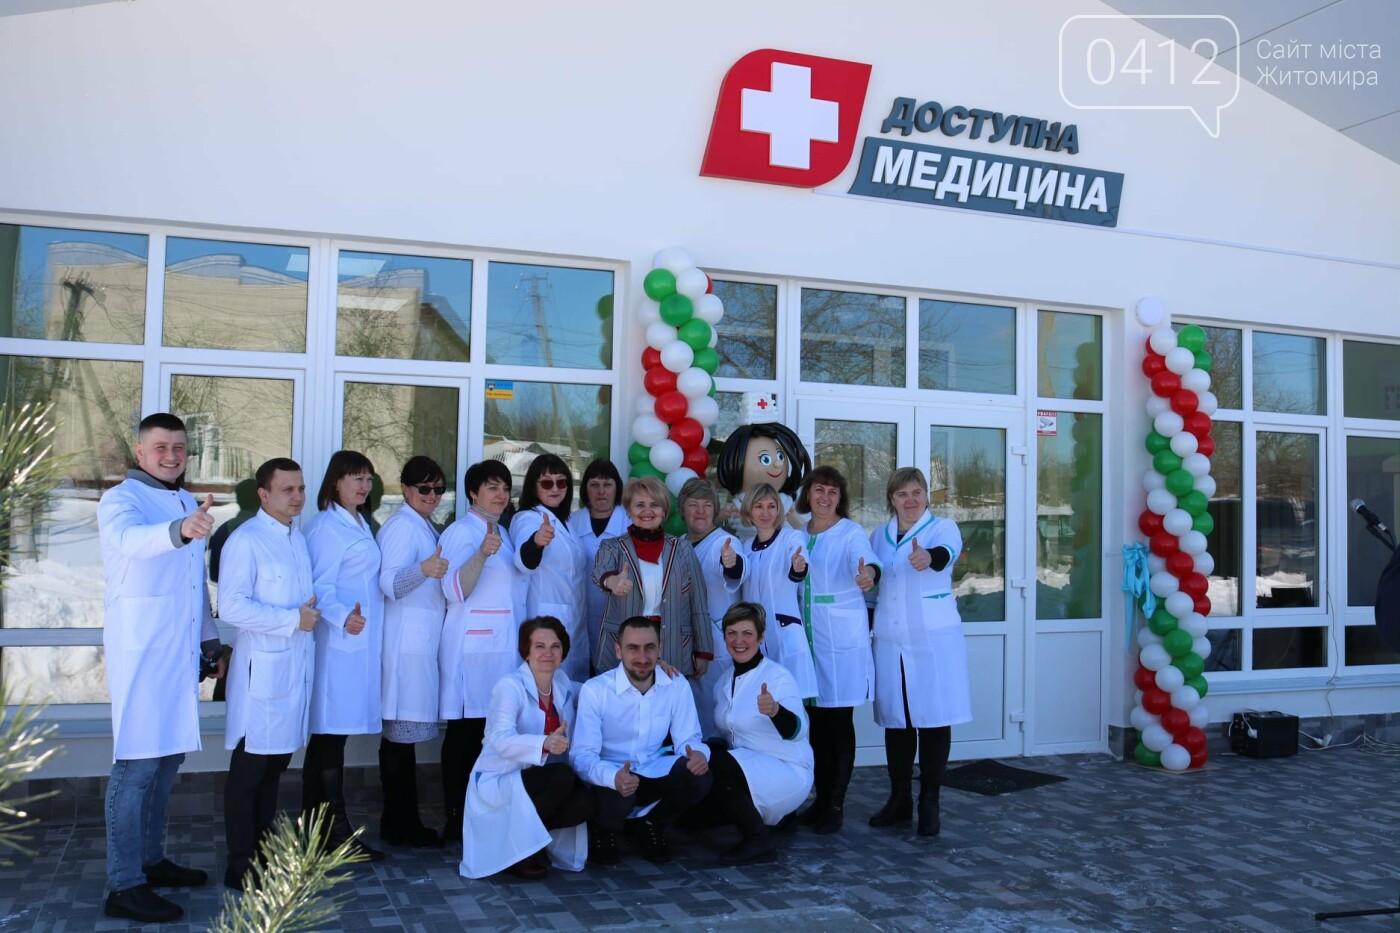 Відкриття нової амбулаторії — подія, на яку 5-тисяна громада на Житомирщині чекала декілька років. ФОТО, фото-3